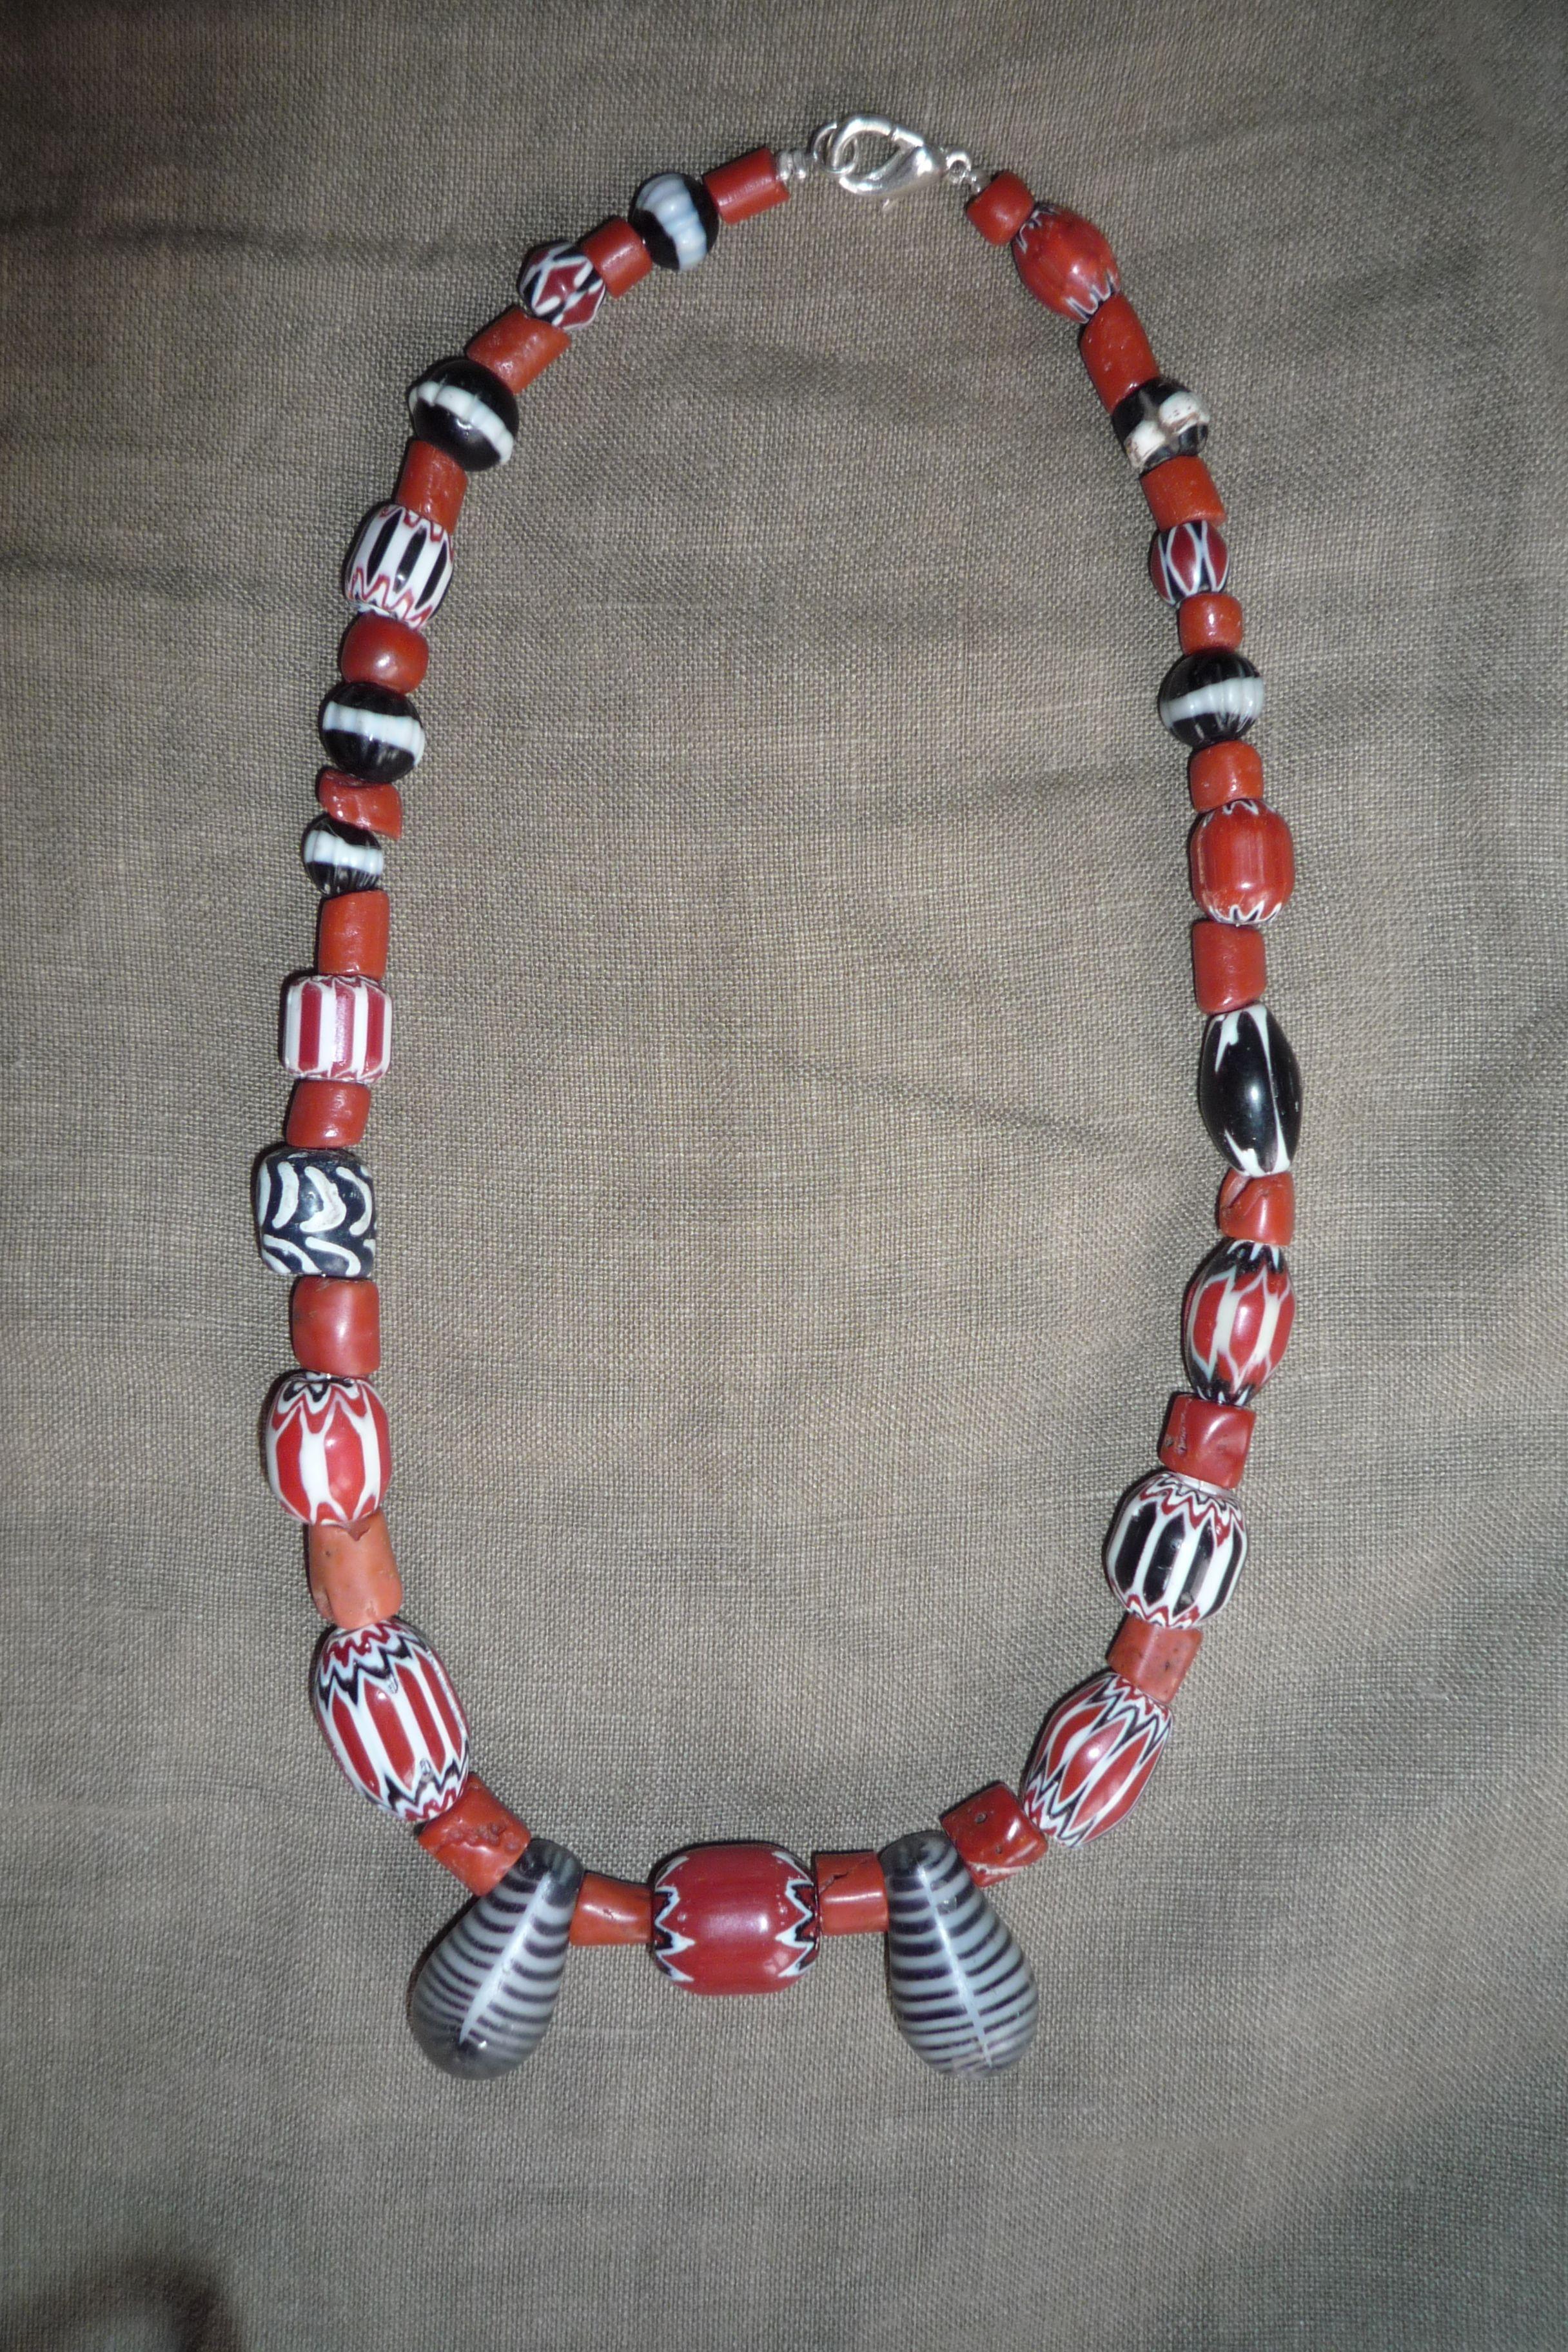 53 Perles De Corail Anciennes Perles De Verre Anciennes Et Chevrons Bijoux Africains Bracelet Perle Et Bijoux Perles